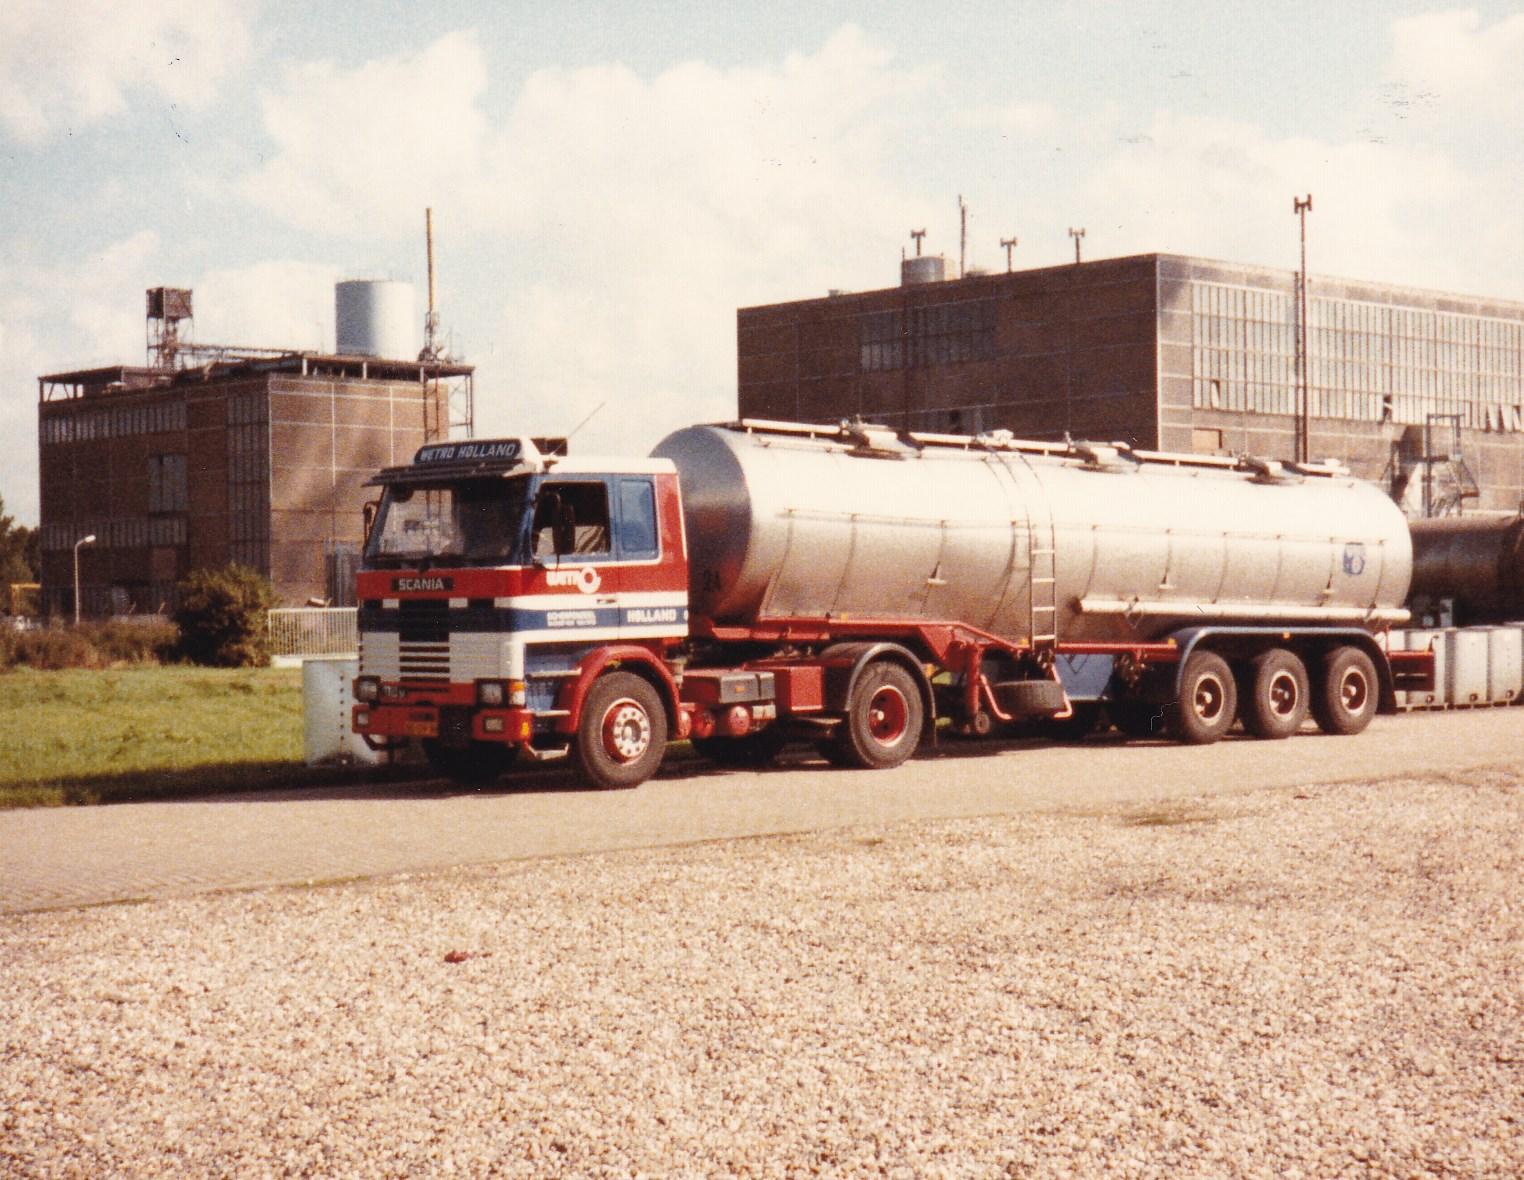 Scania--1982-even-met-de-grootste-op-pad-Erik-van-de-Burgt-foto